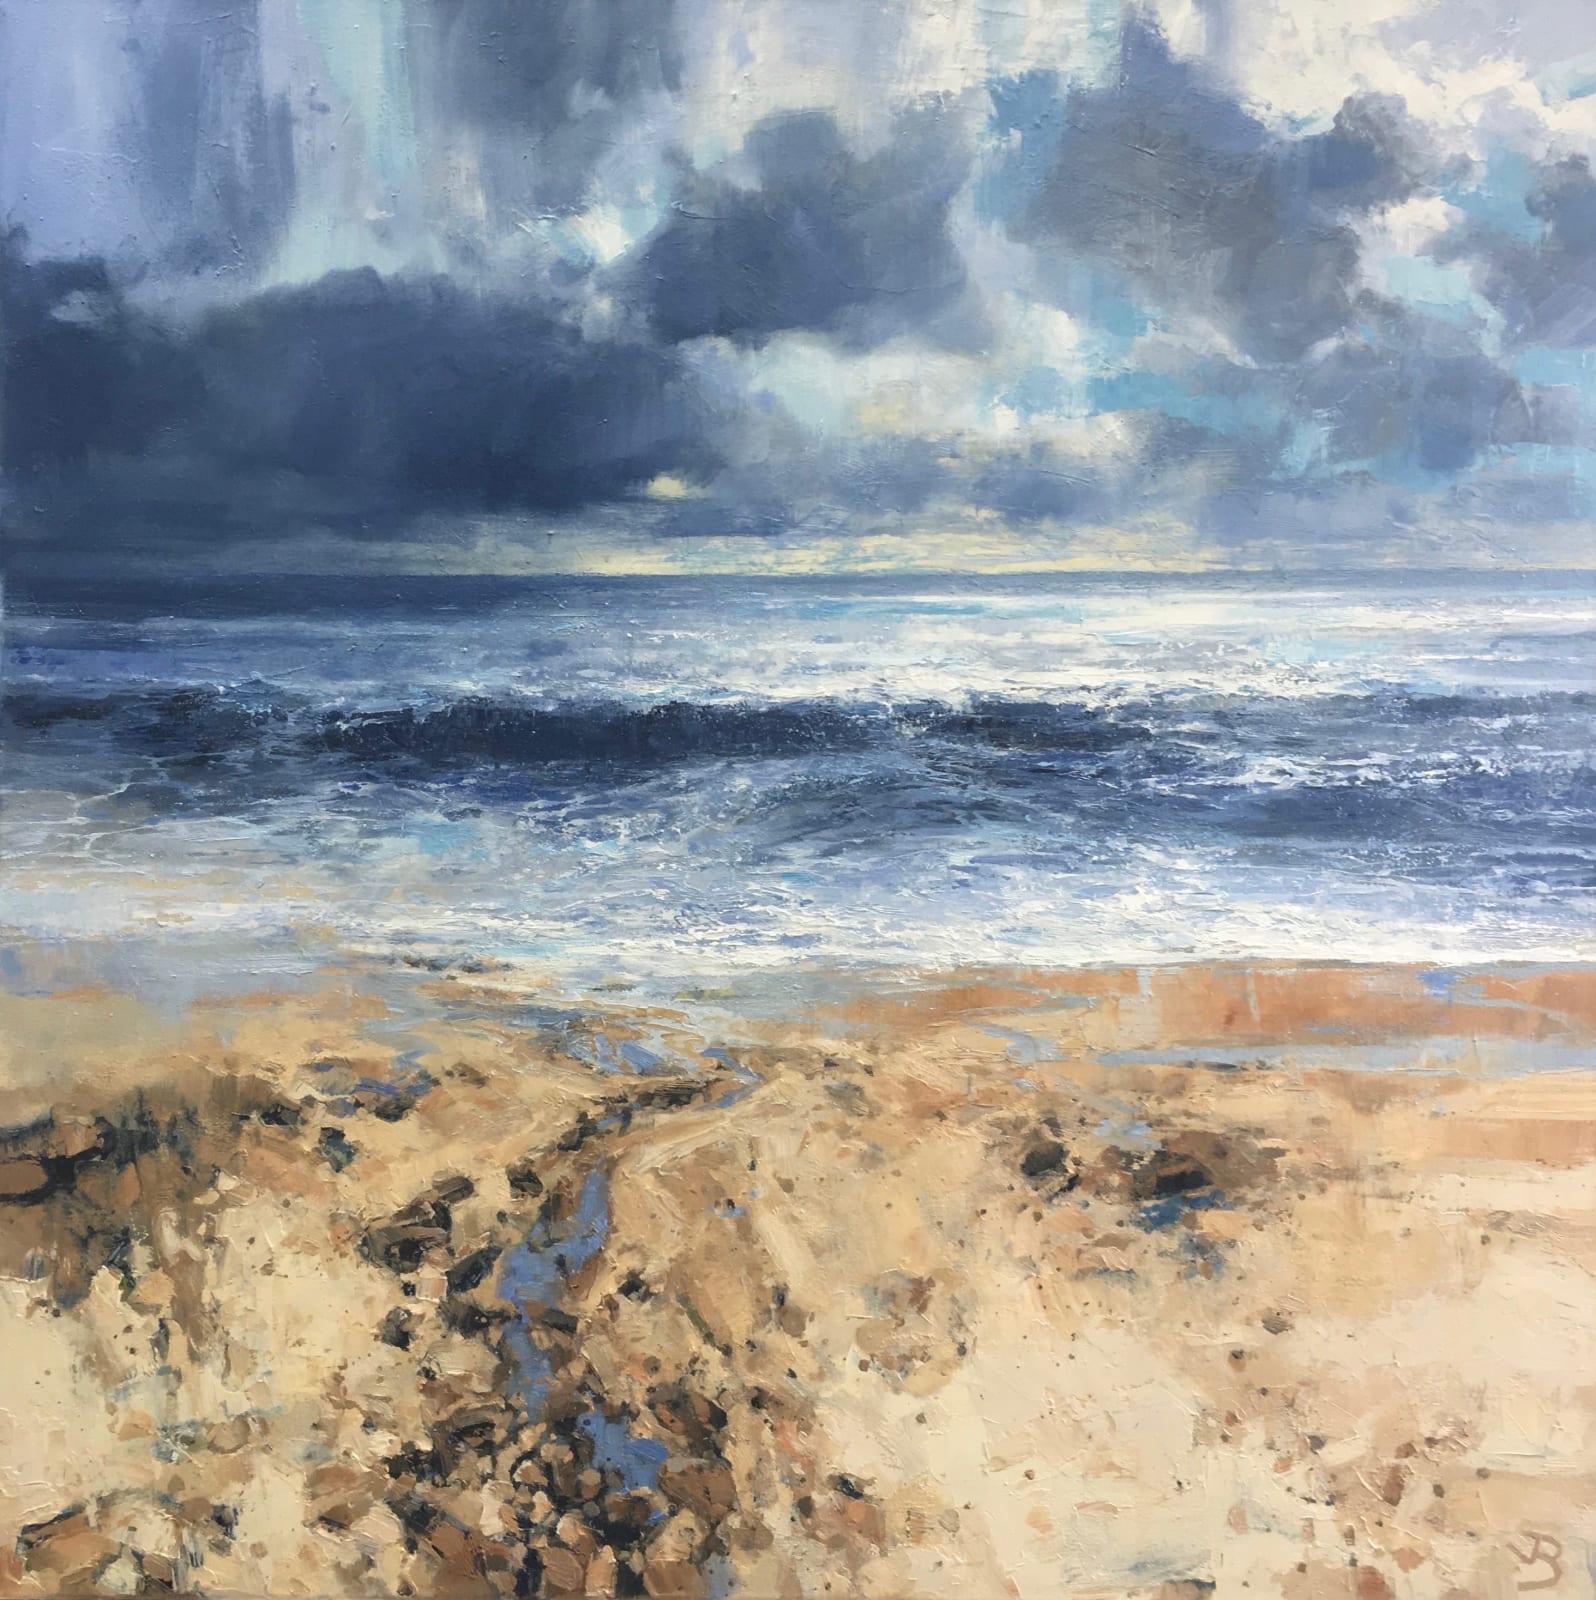 John Brenton Ocean Flow Oils 91 x 91 cm